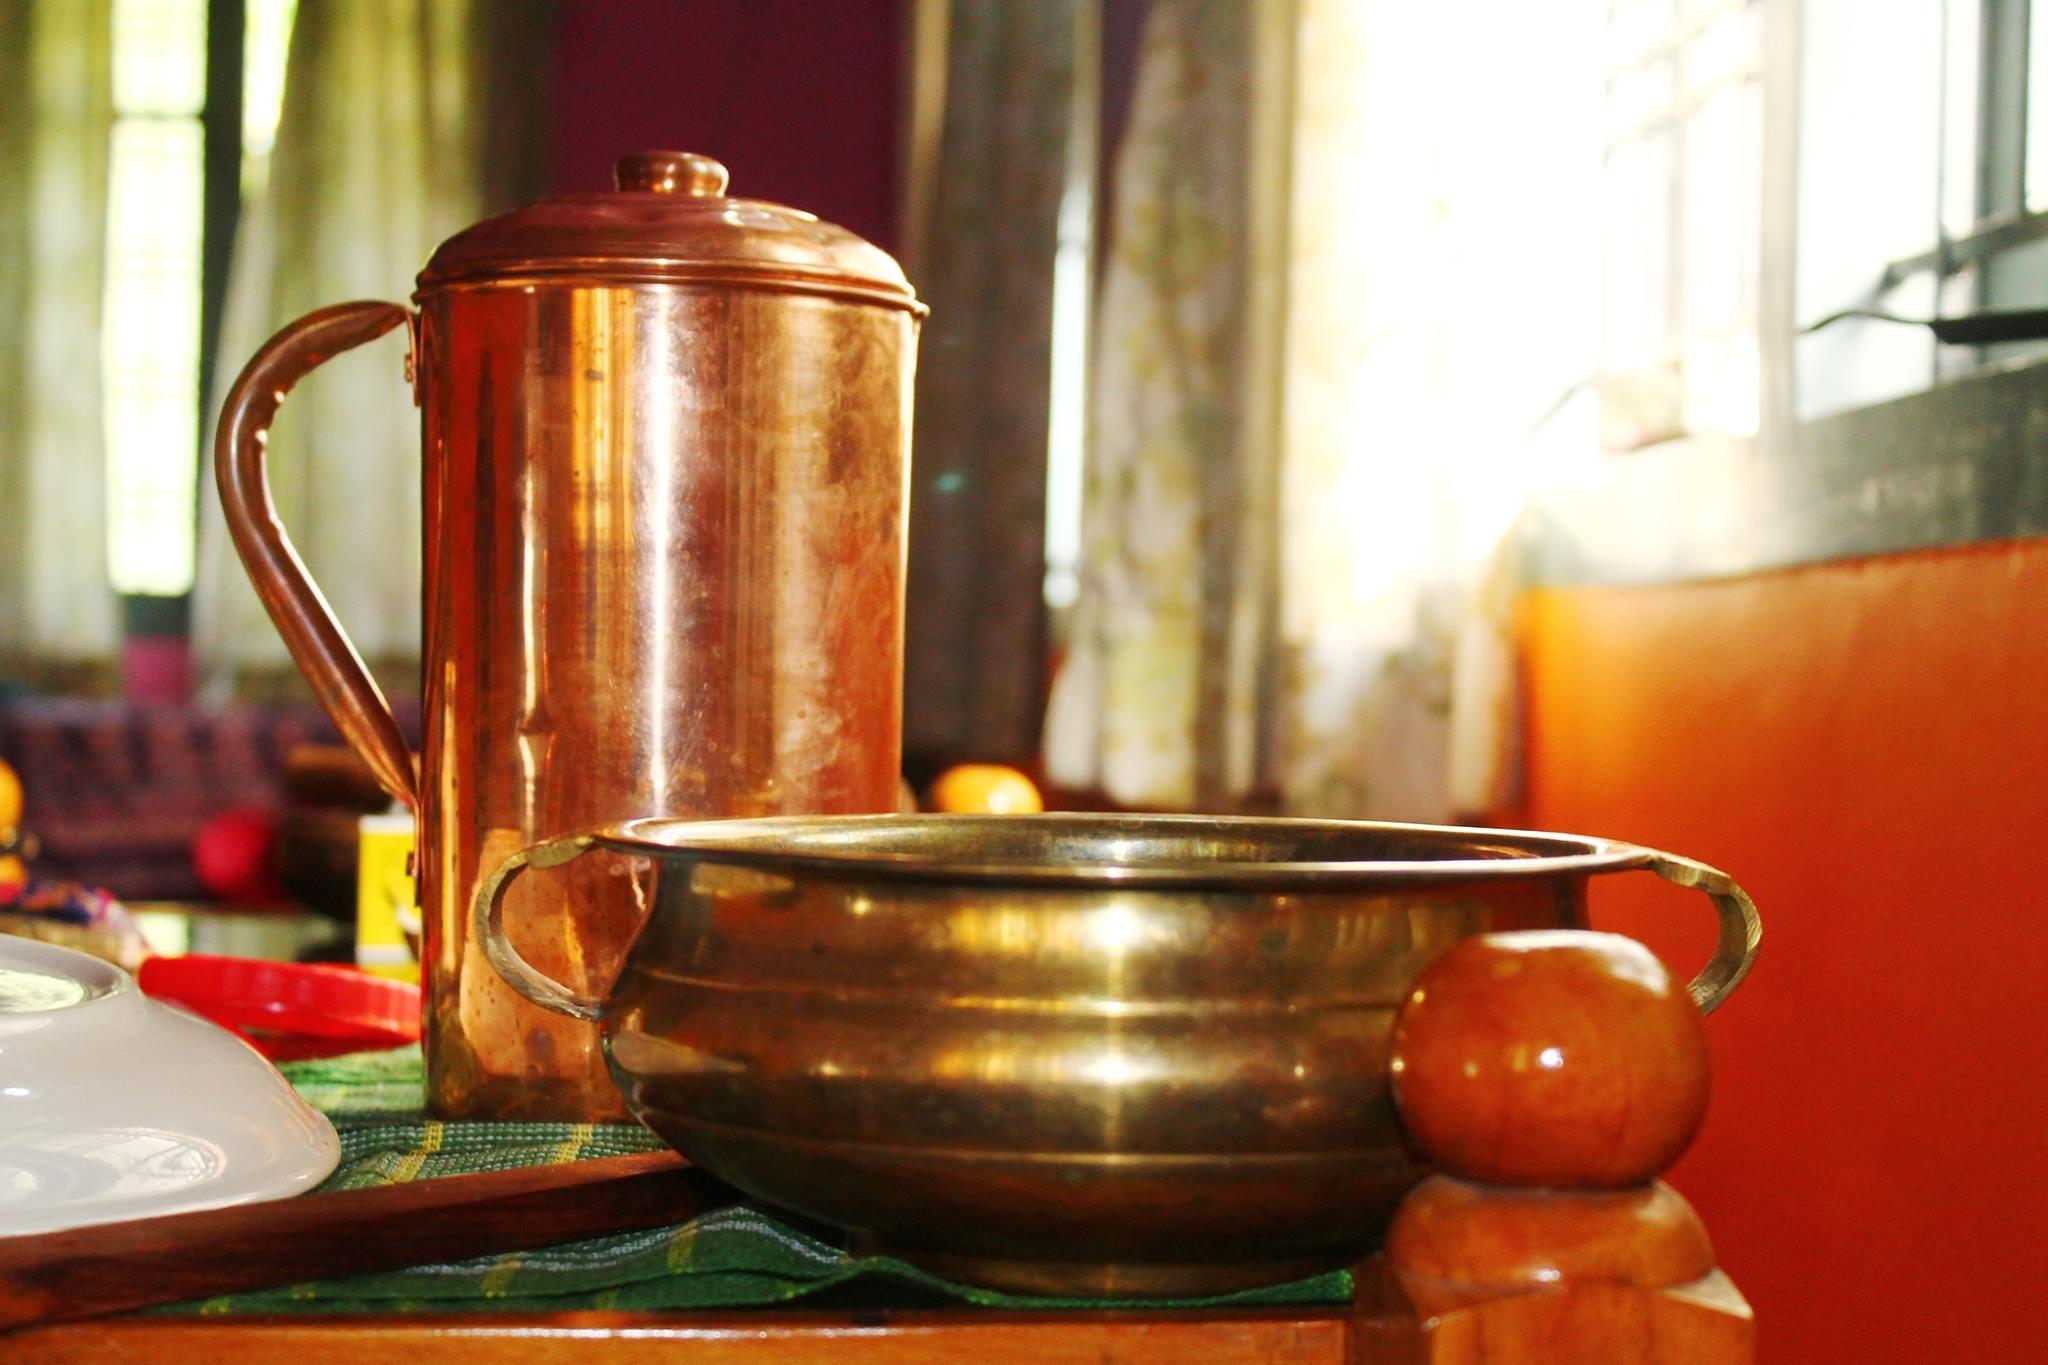 Fotos gratis : plato, comida, buque, Produce, metal, beber, jarra de ...